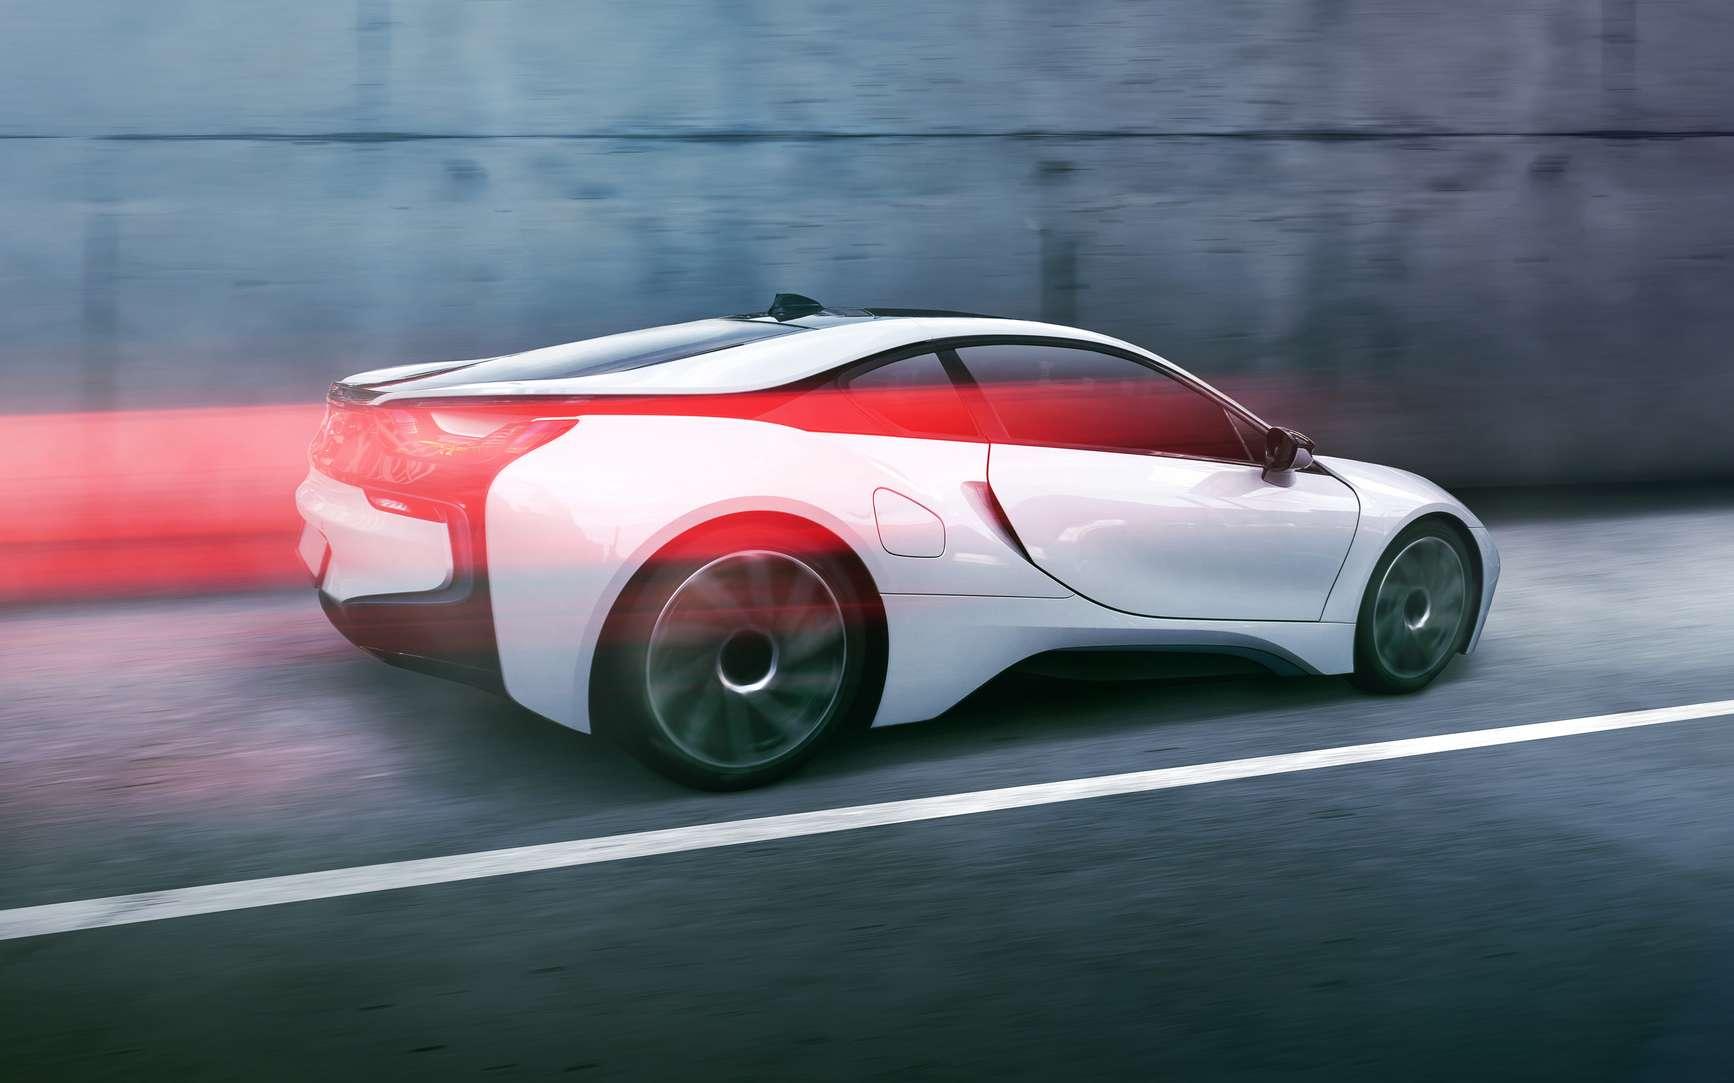 Le silence de la voiture électrique est reposant, mais pas sans danger pour les autres usagers. © Lassedesignen, Fotolia